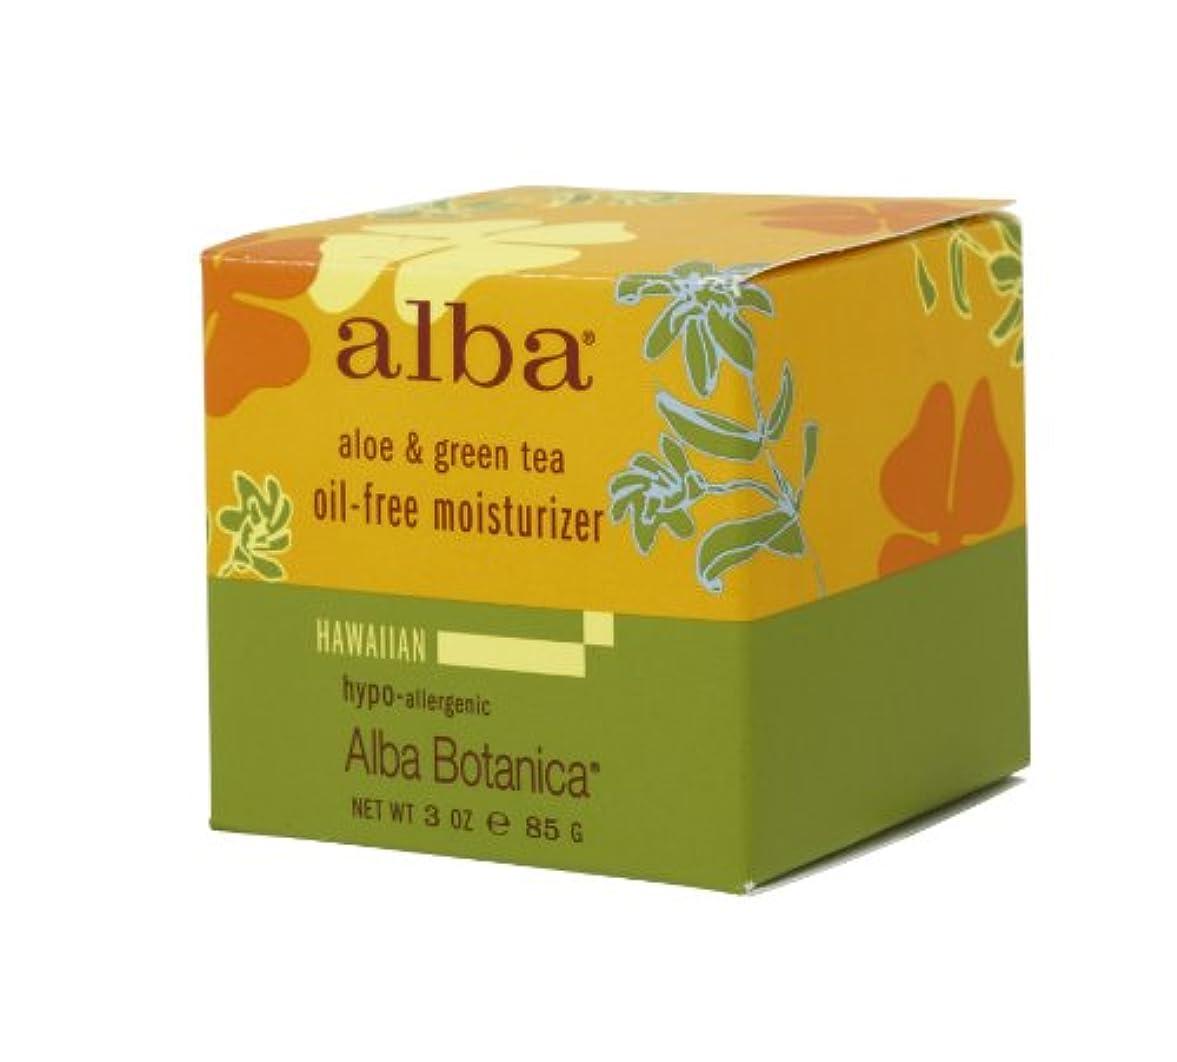 論争的塊不確実alba BOTANICA アルバボタニカ ハワイアン オイルフリーモイスチャークリームAG アロエ&グリンティー